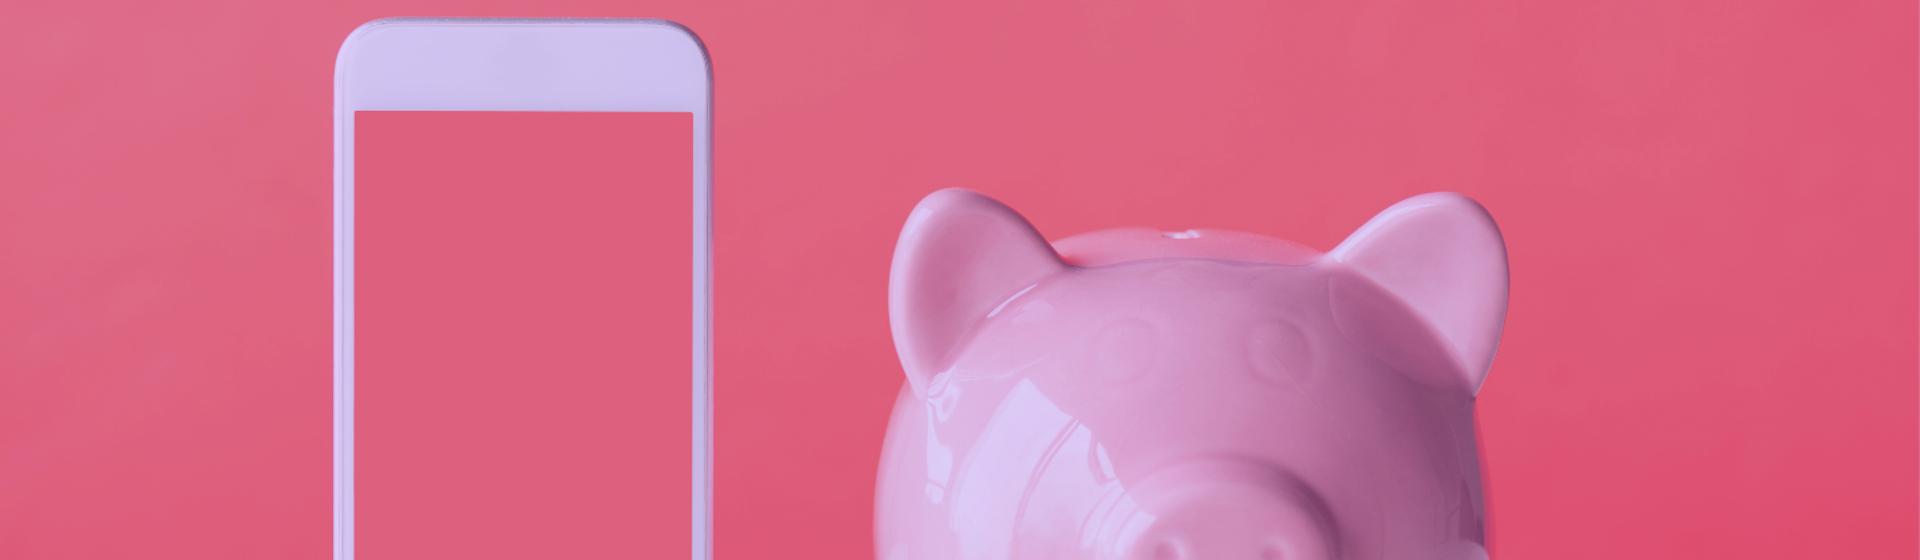 ¿Cómo tener unas finanzas personales sanas? Tips financieros para desempolvar la alcancía